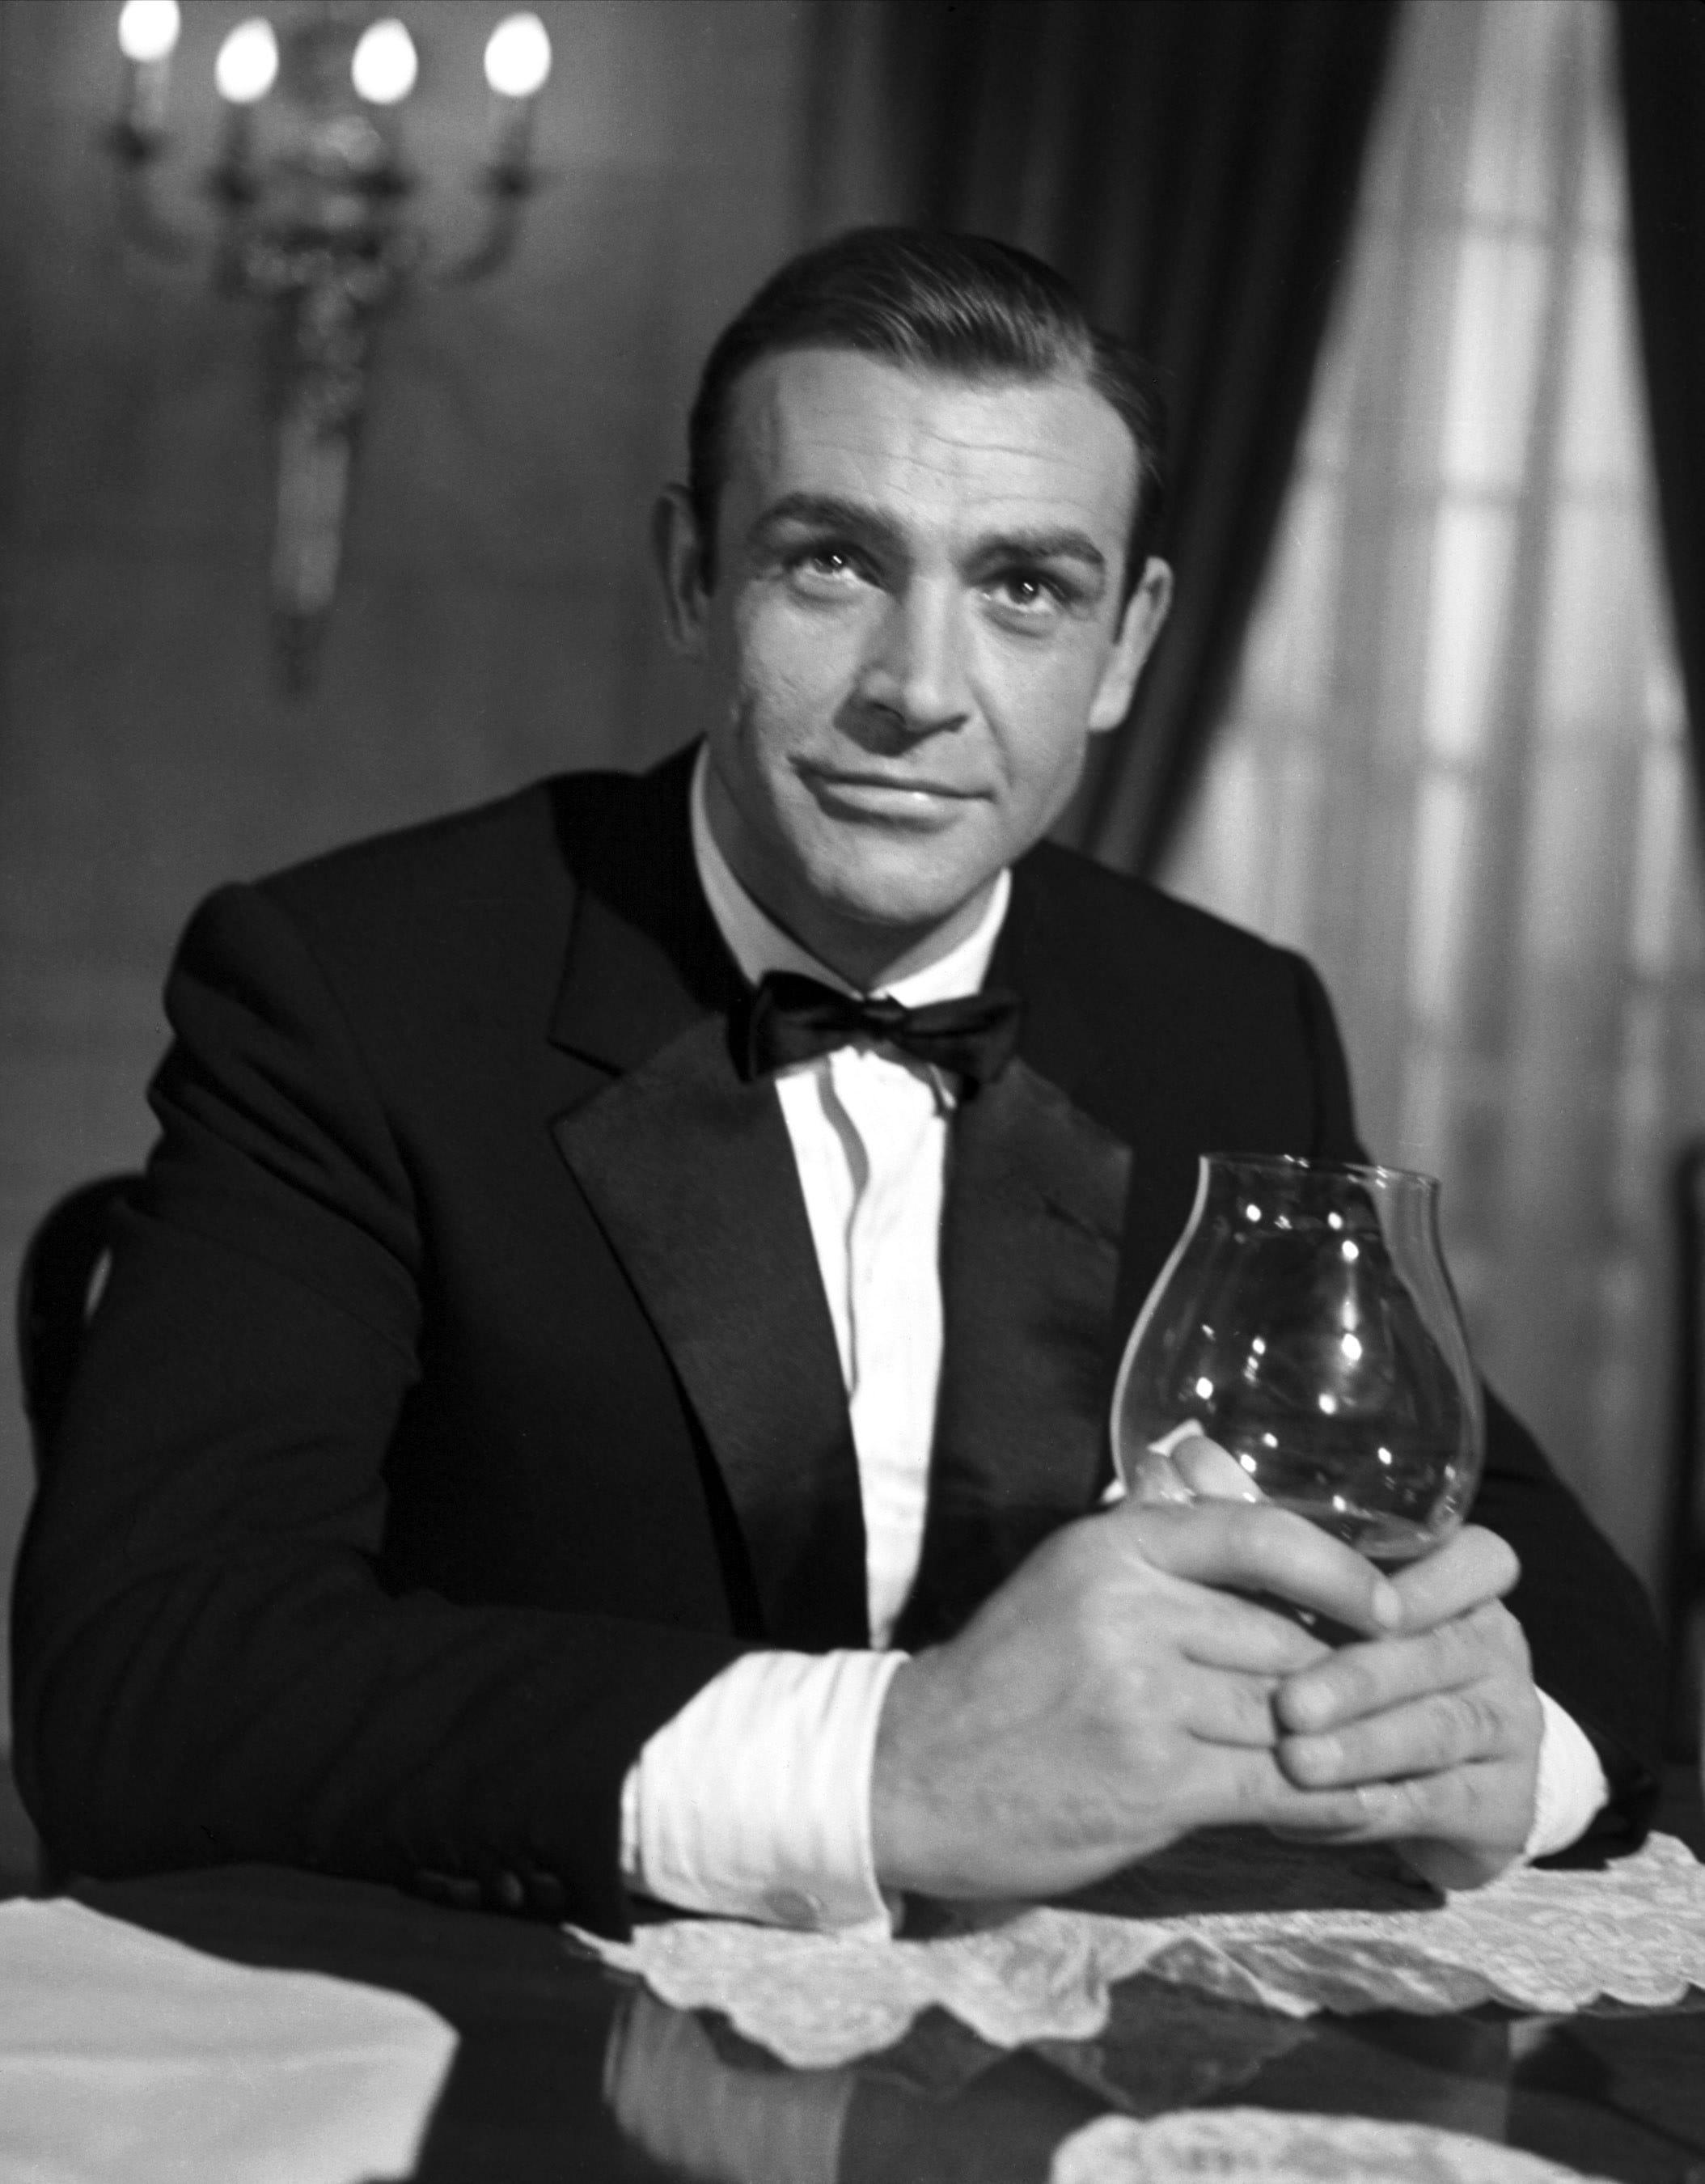 Sean Connery as James Bond